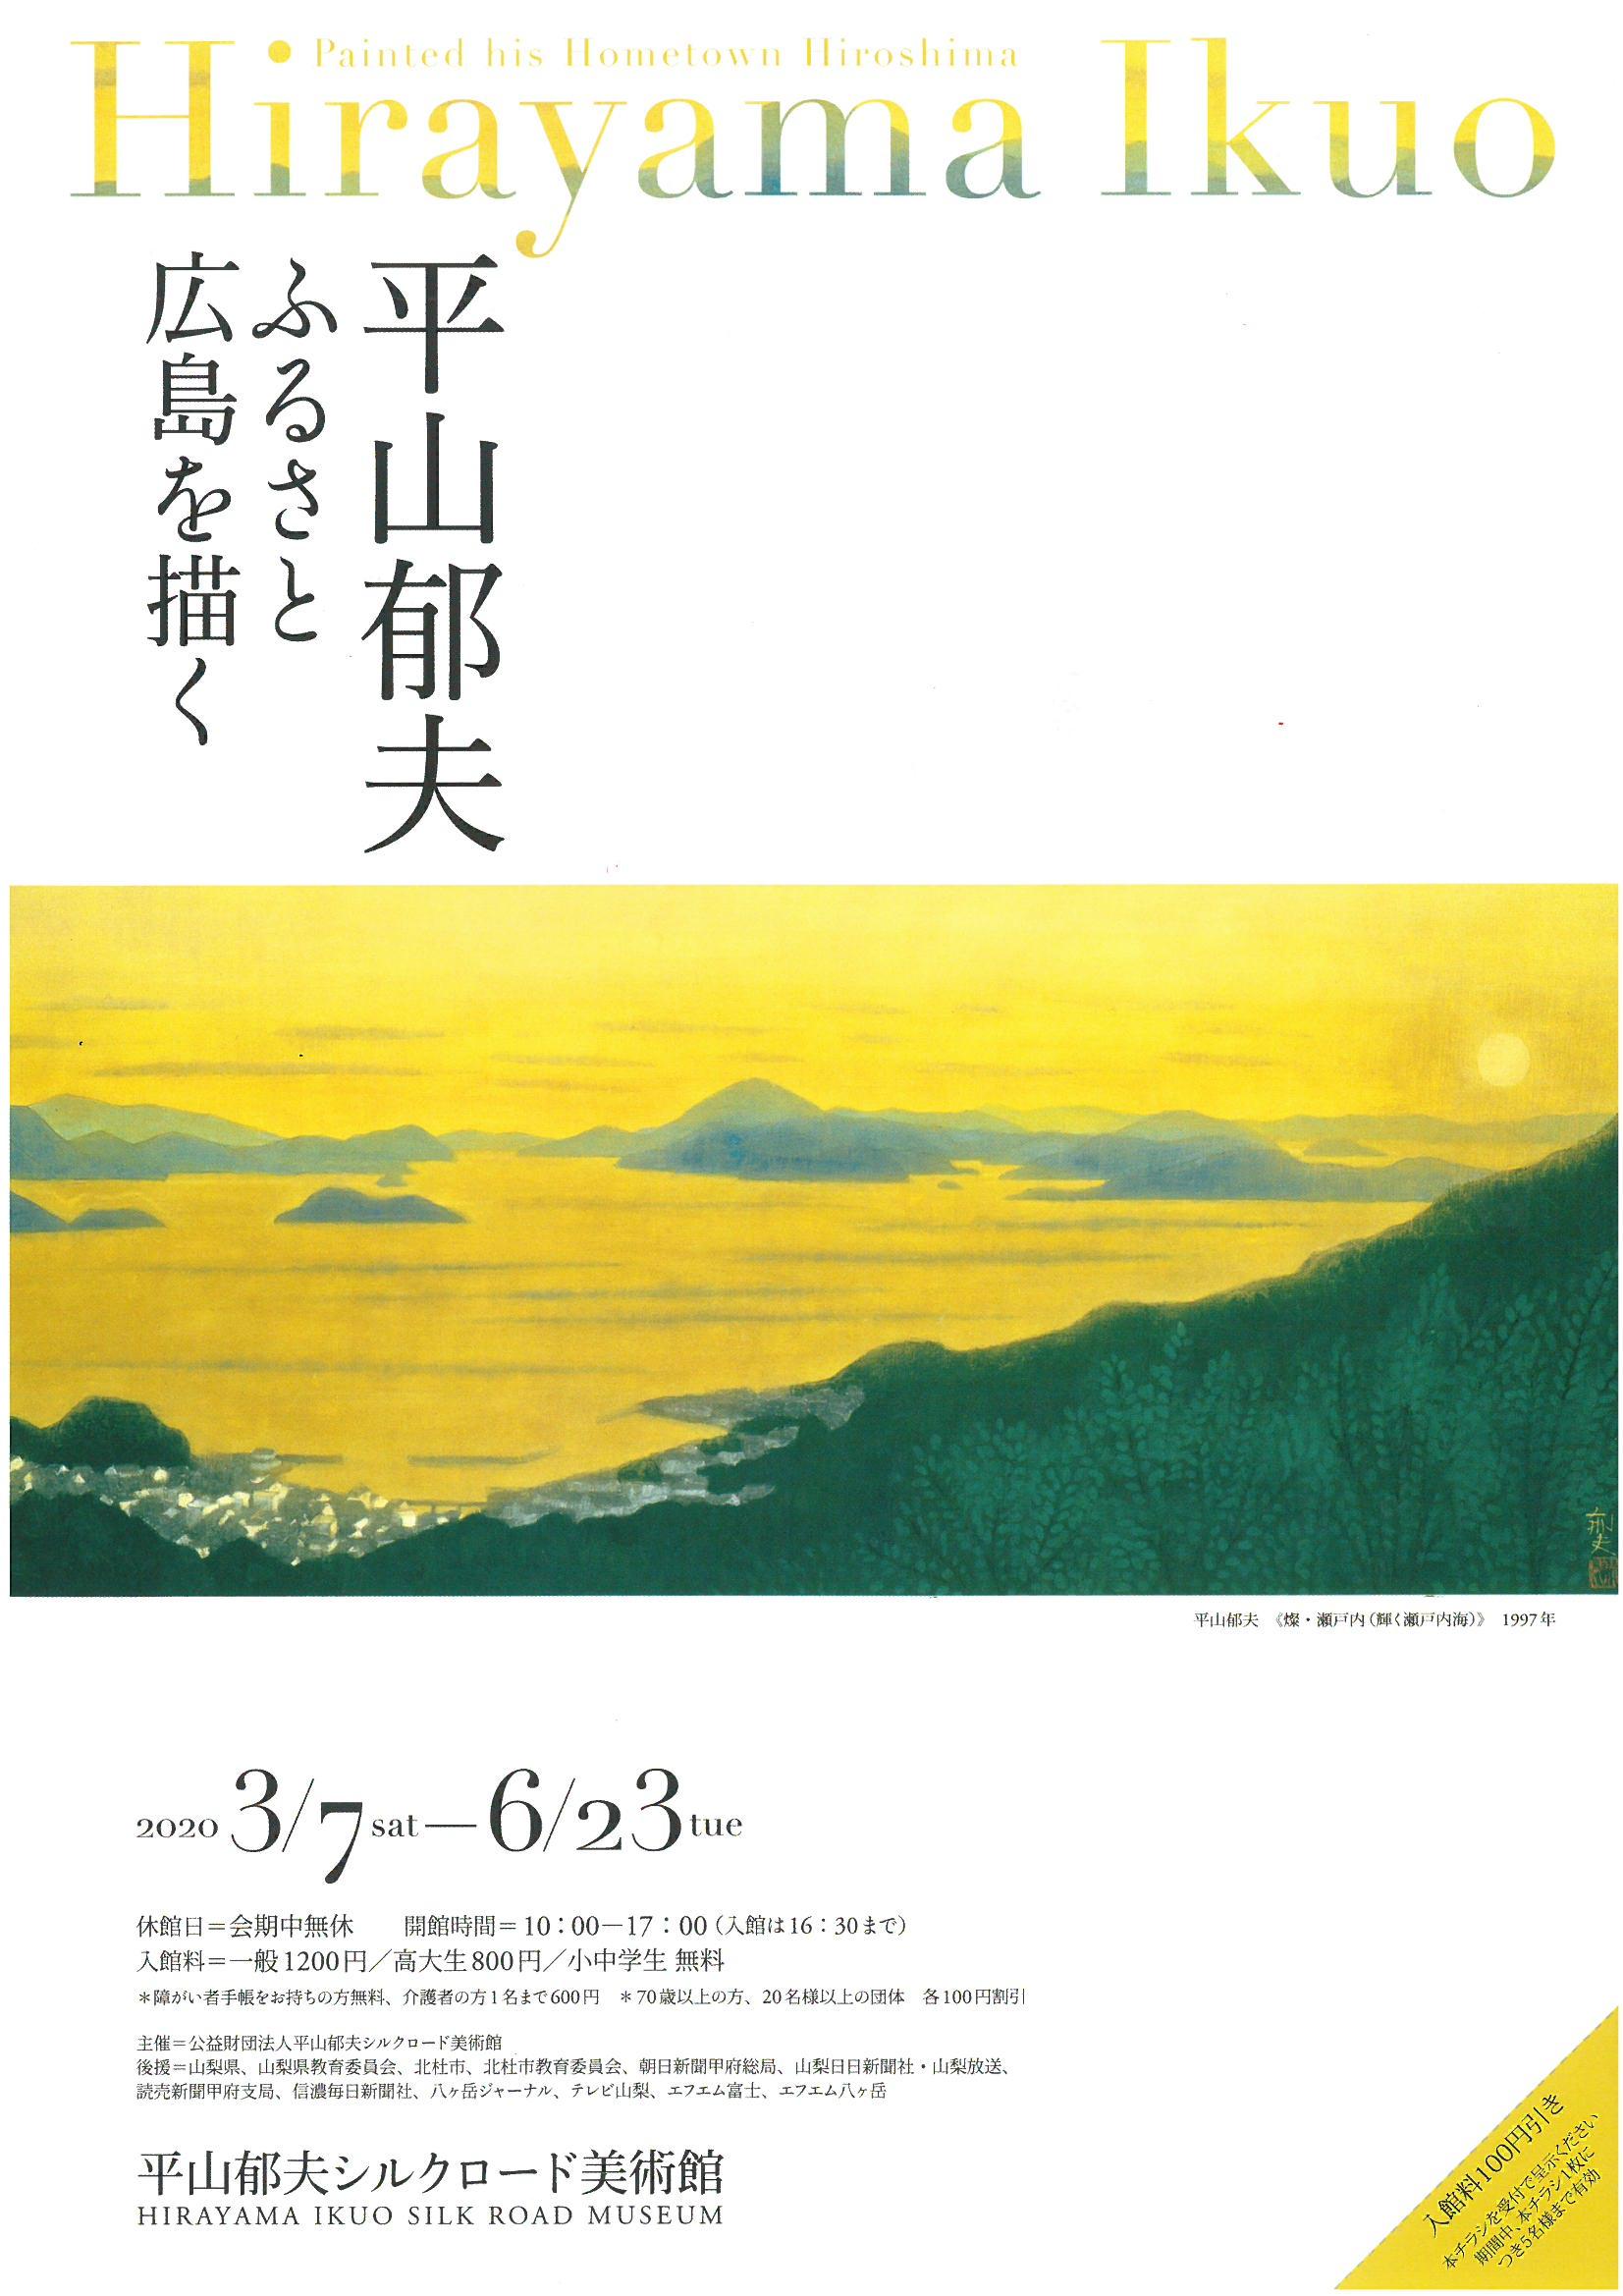 2020_furusato_hiroshima